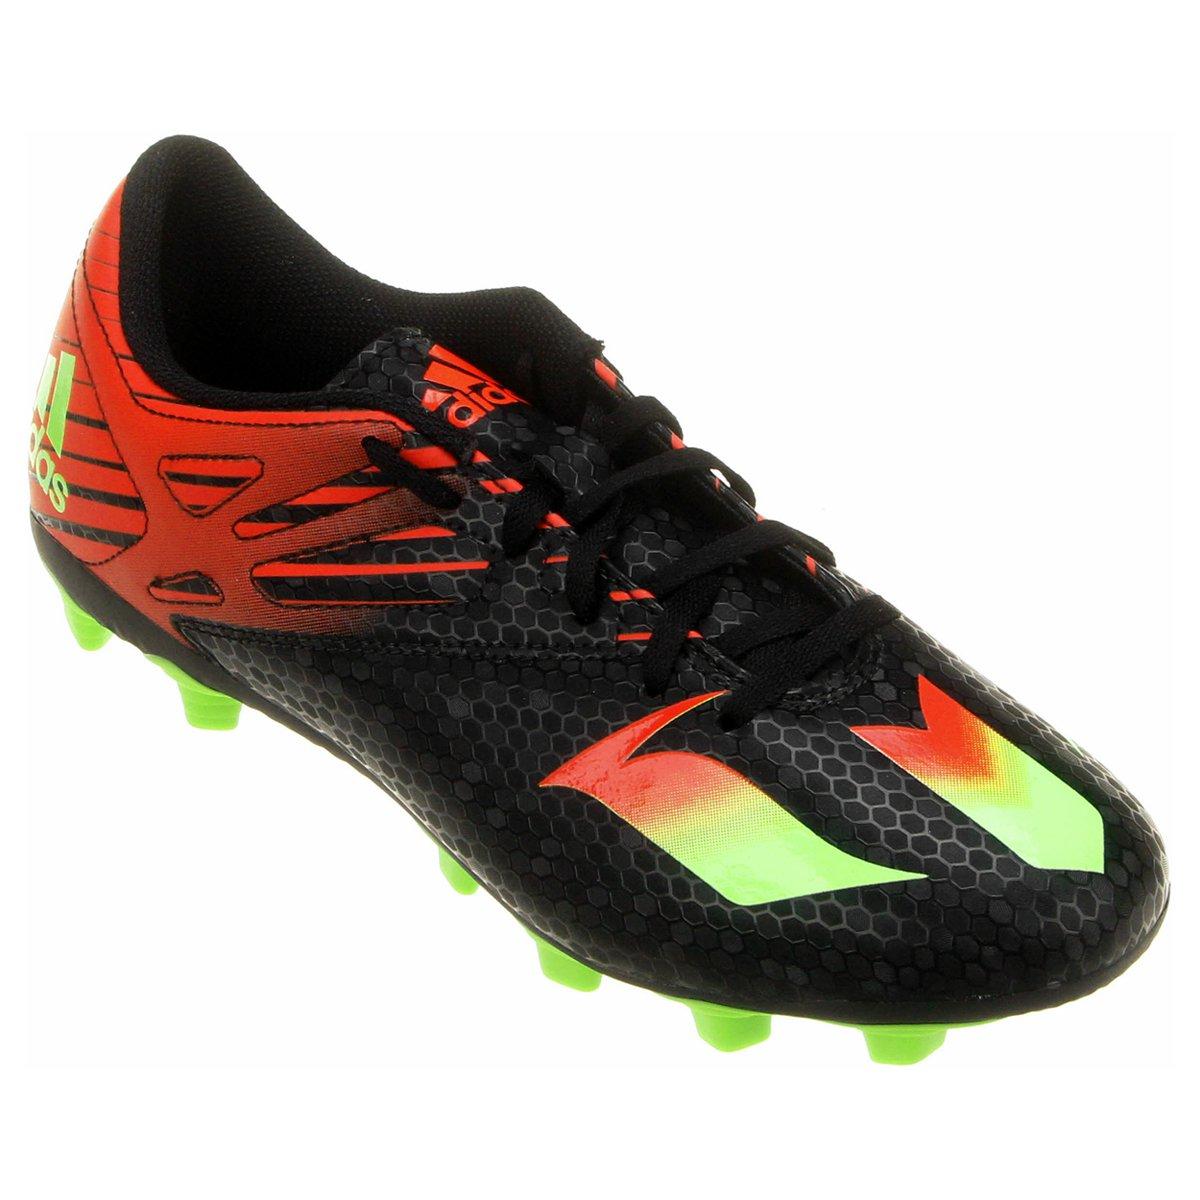 c0aaed929d Chuteira Adidas Messi 15 4 FXG Campo - Compre Agora